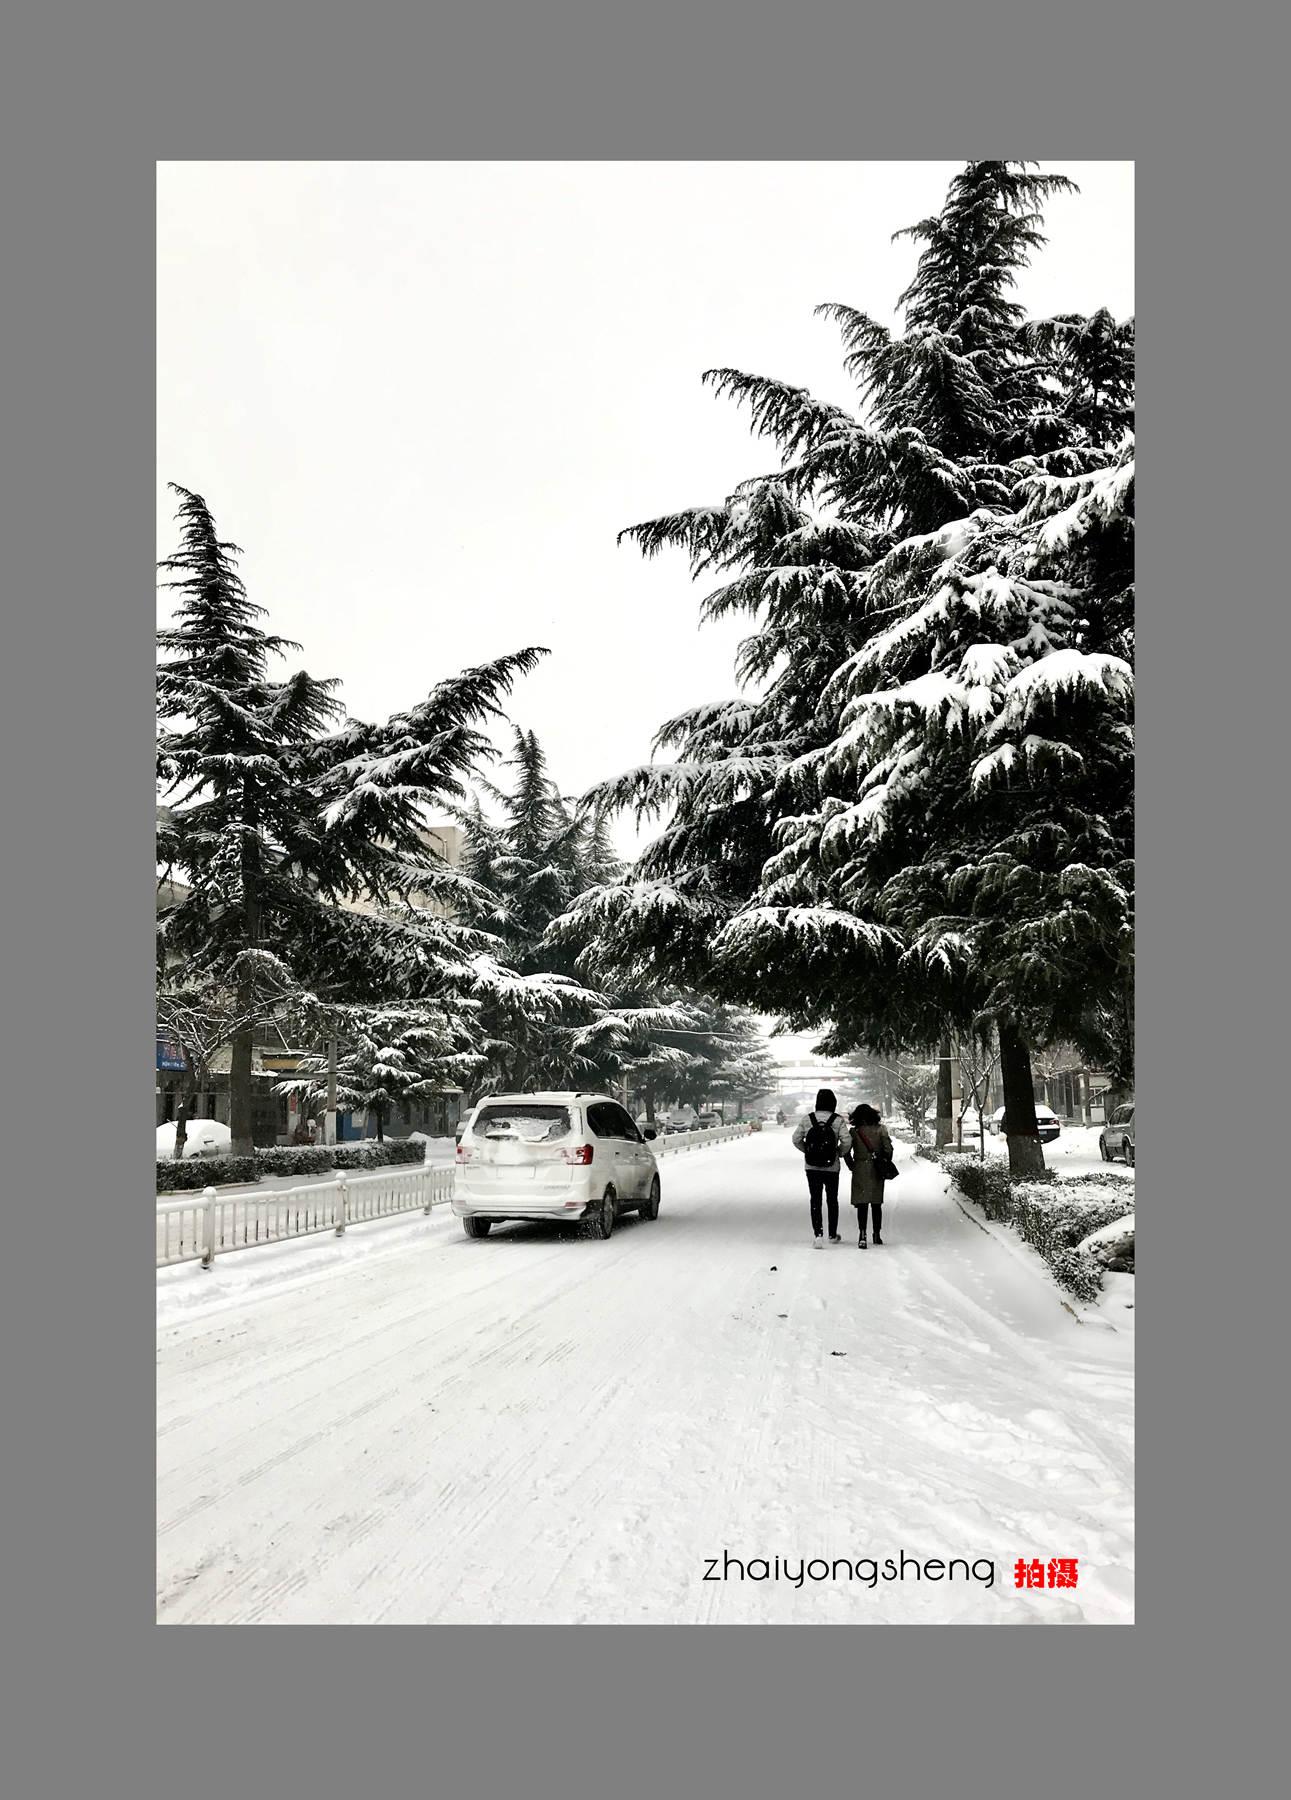 羽佳518作品:春雪